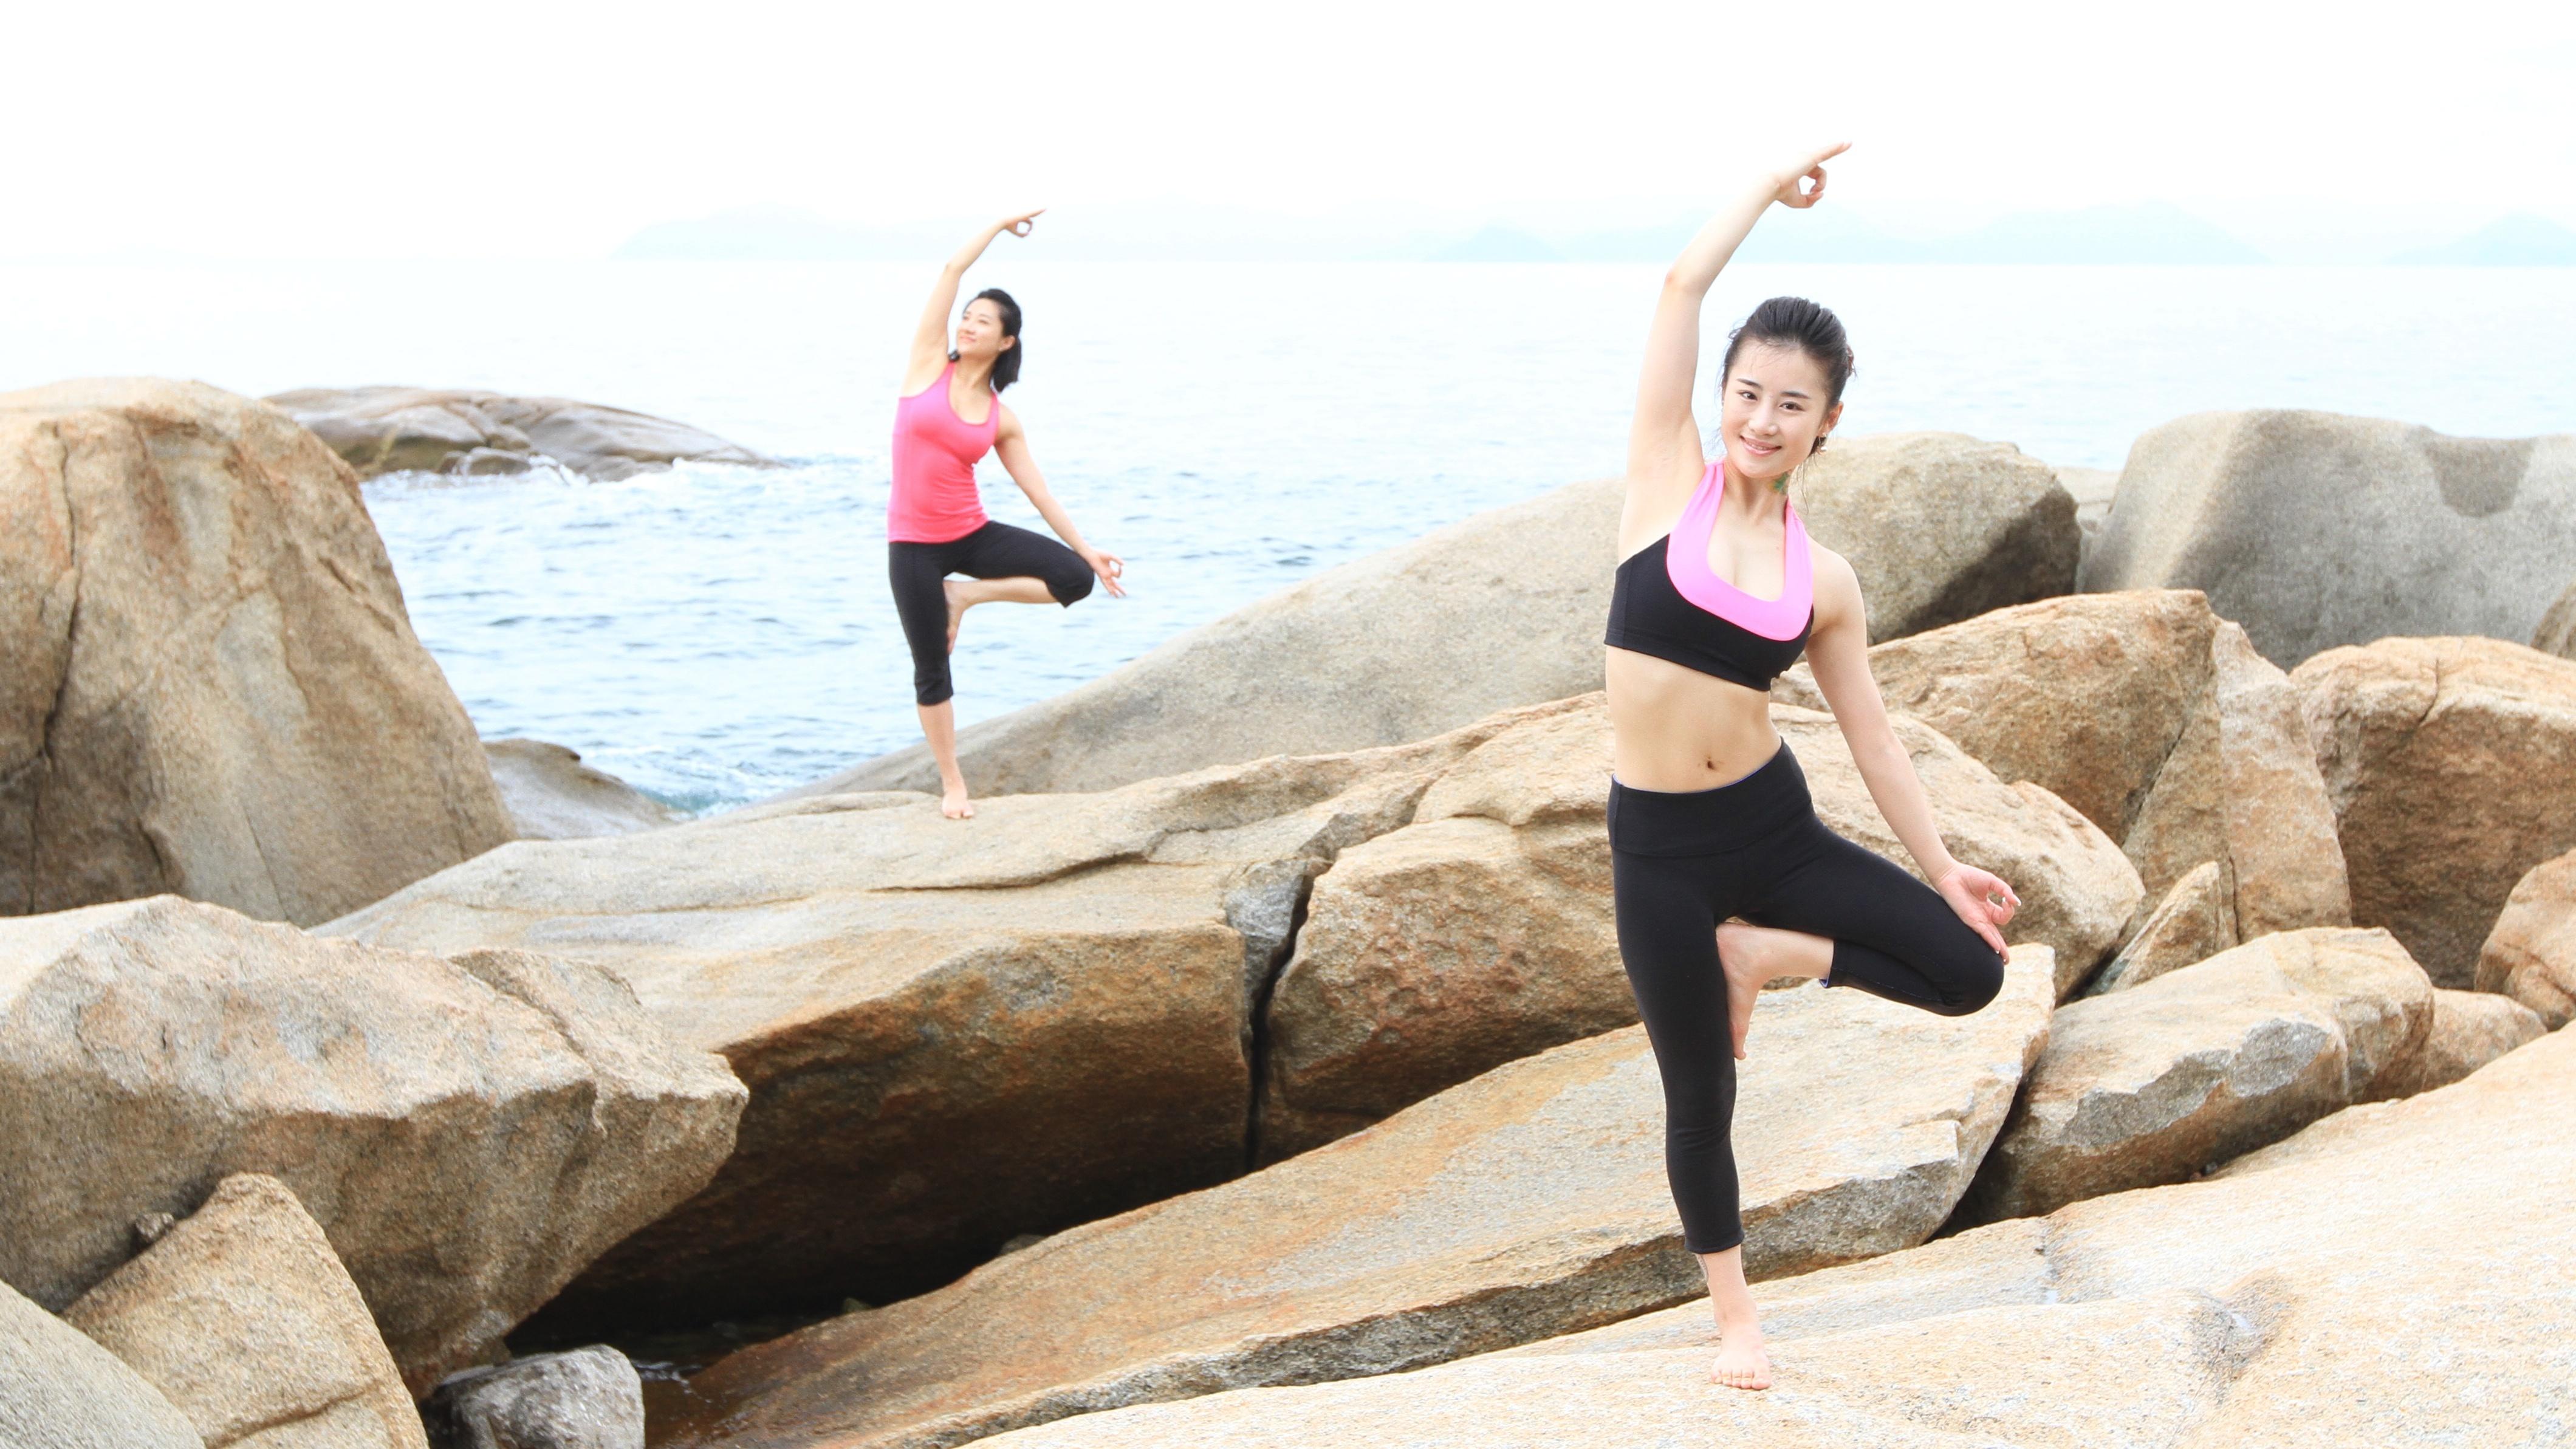 Yoga Poses Wallpaper - WallpaperSafari